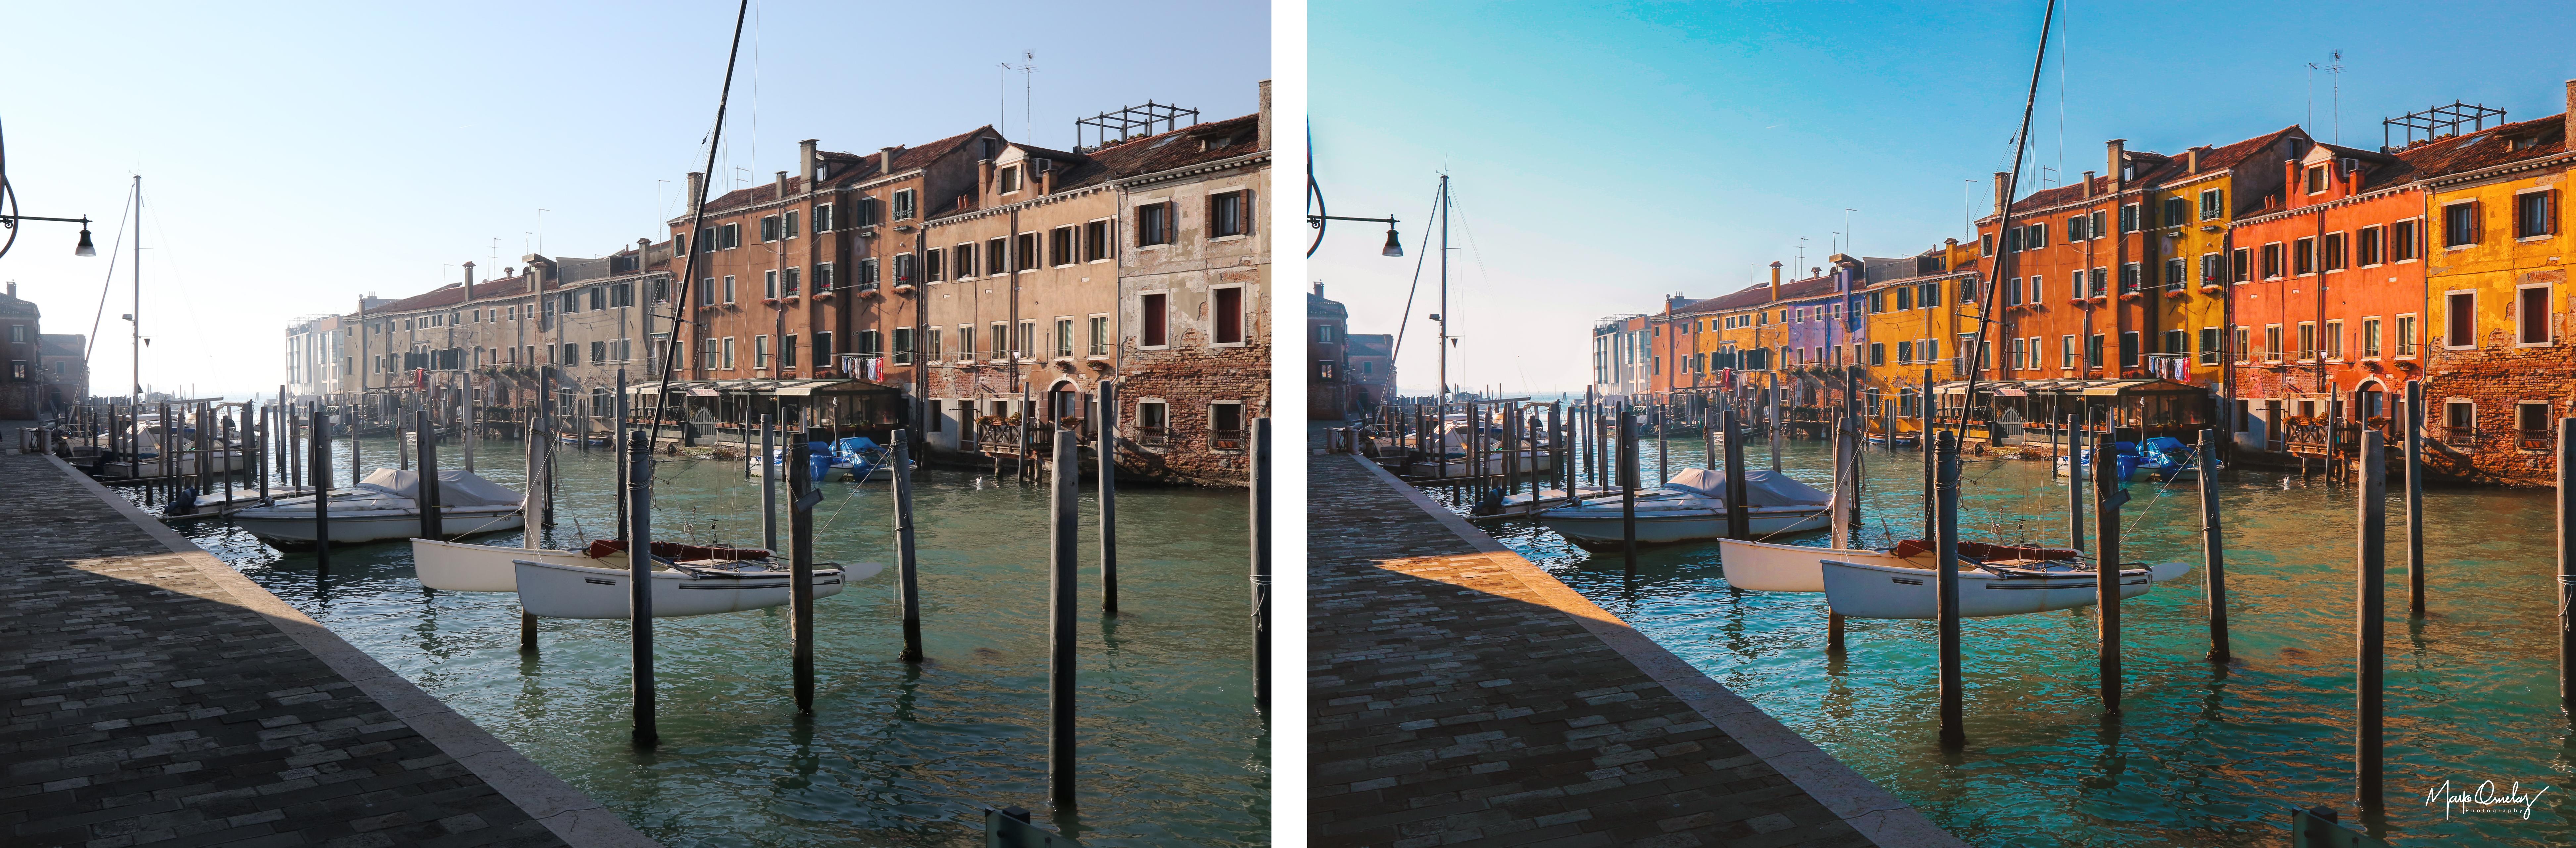 Antes e Depois Burano Itália